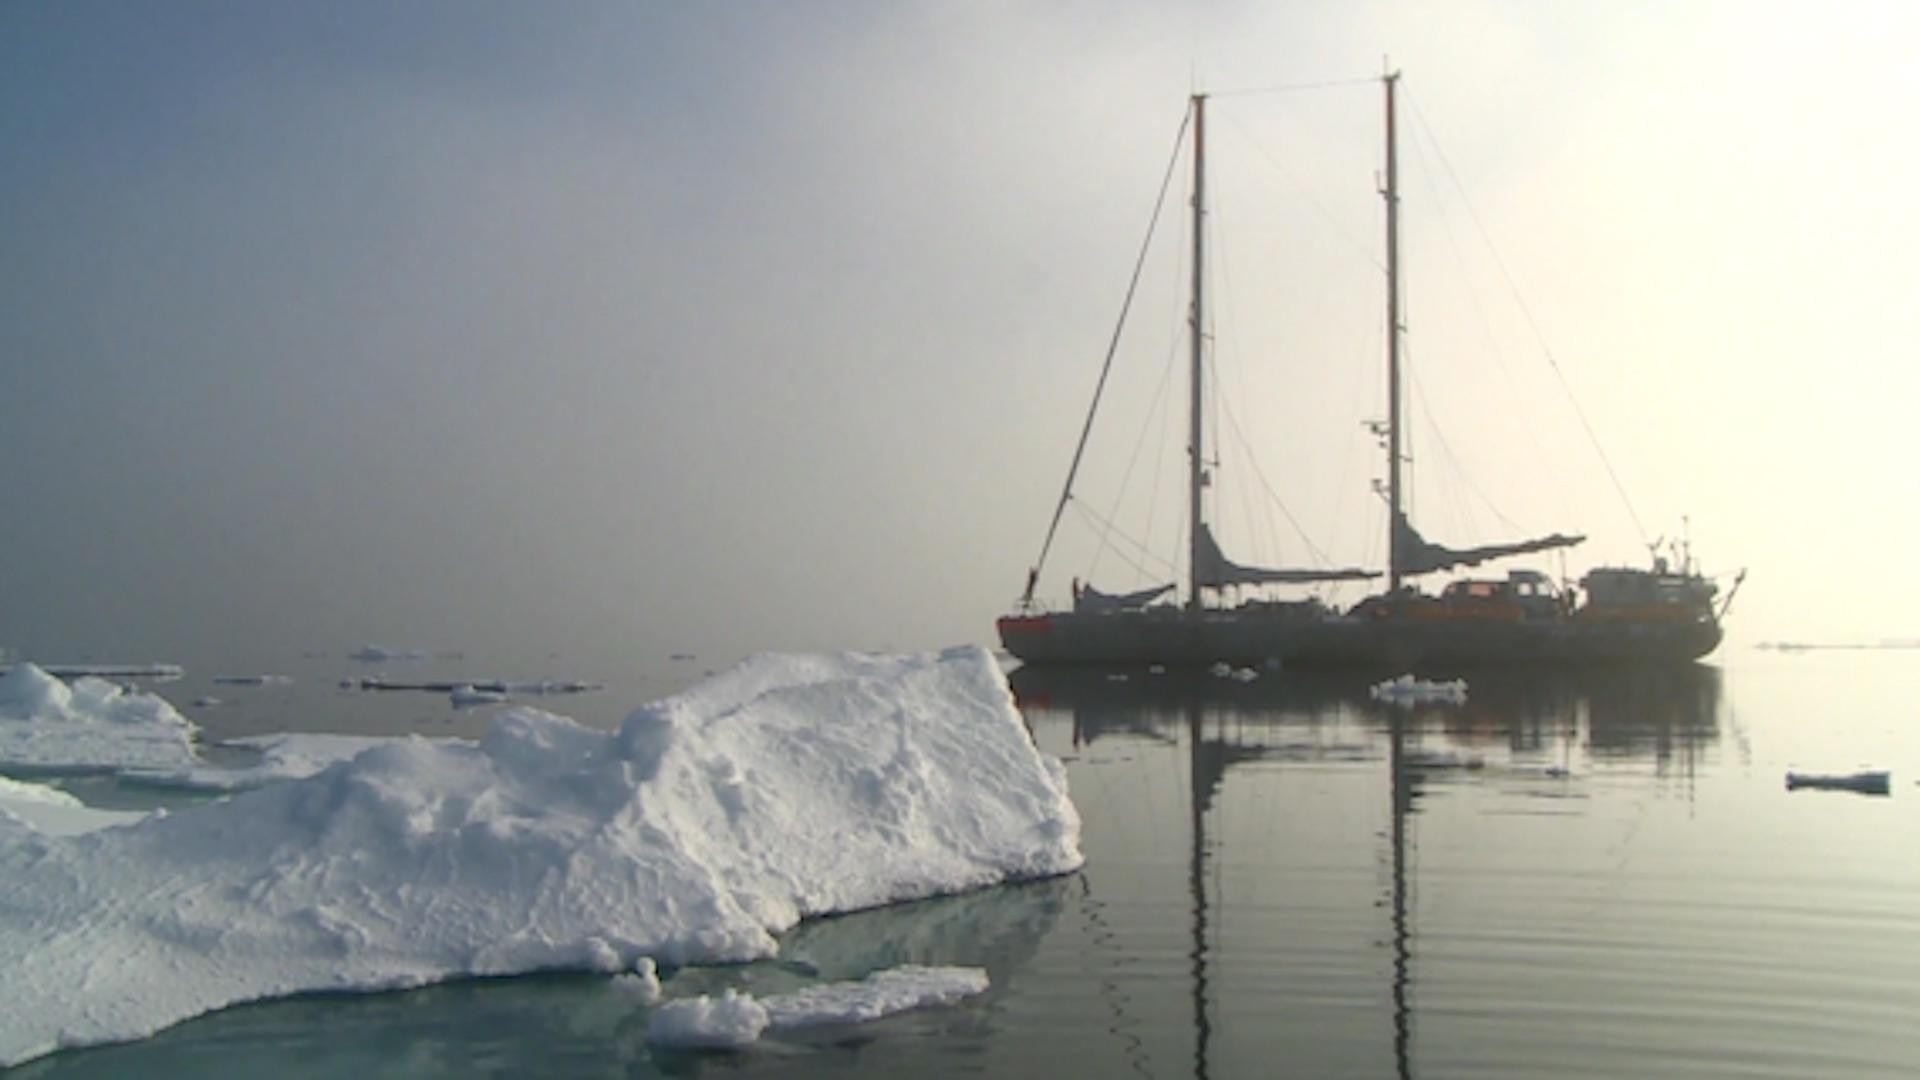 Deserted ship near iceberg